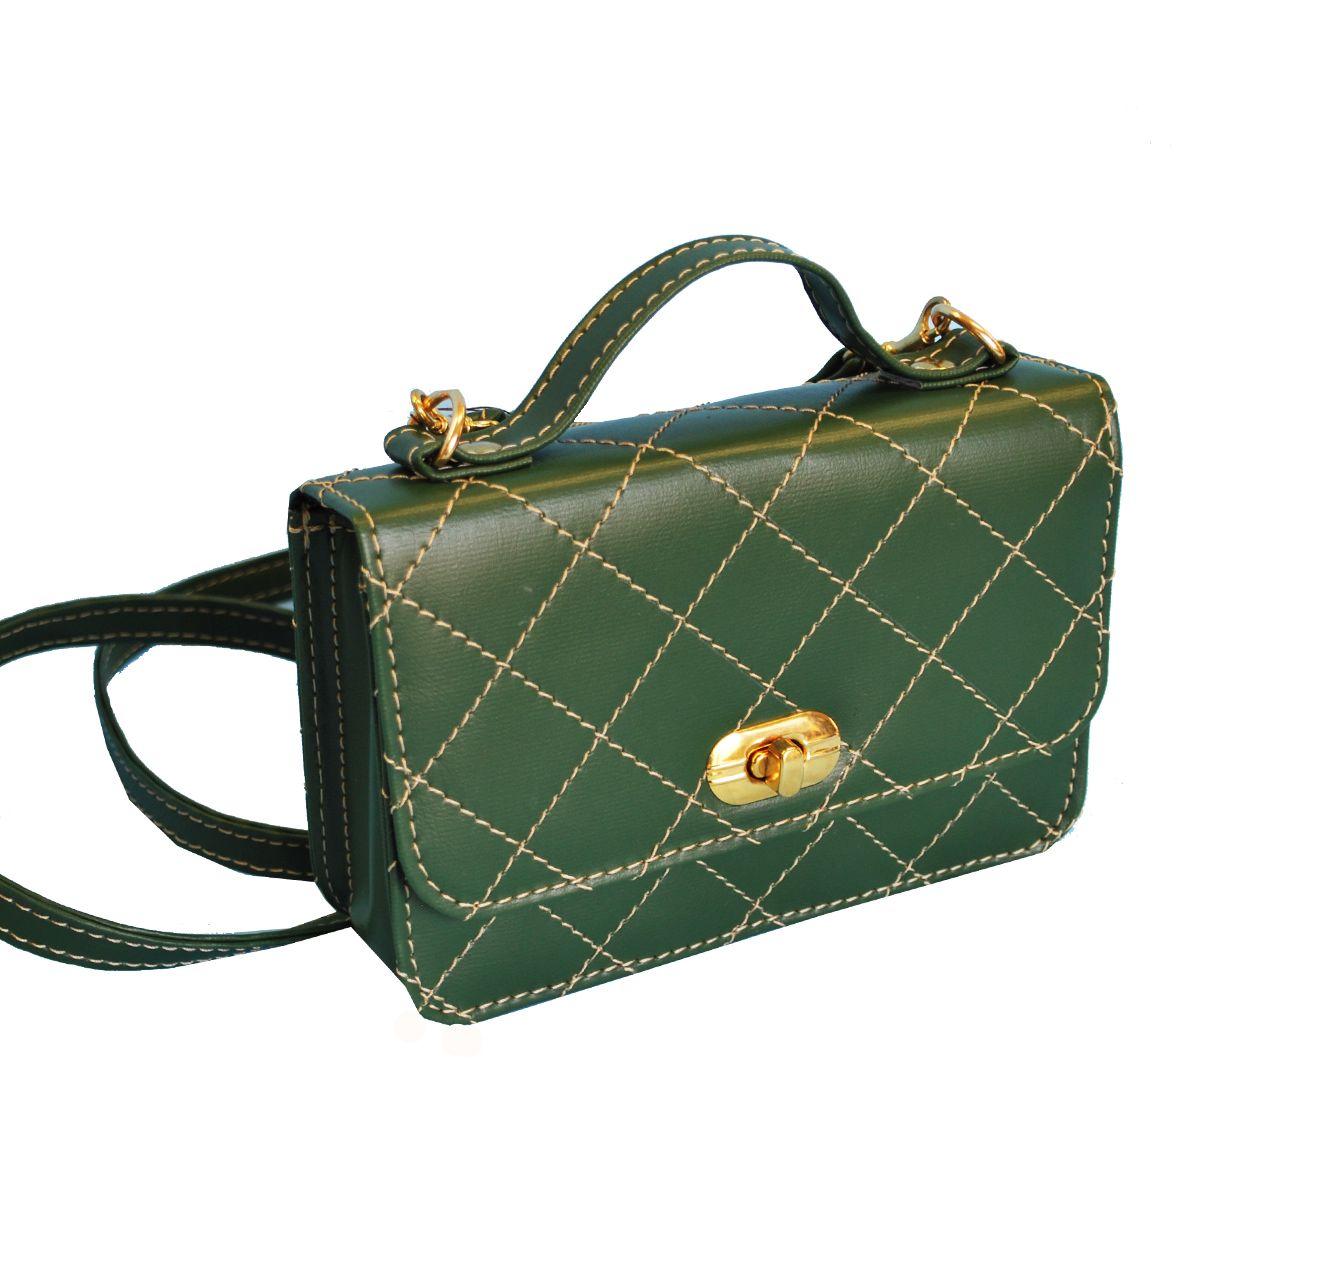 b046bf4986 Luxusná dámska kabelka crossbody 8679 v zelenej farbe · Luxusné a ...